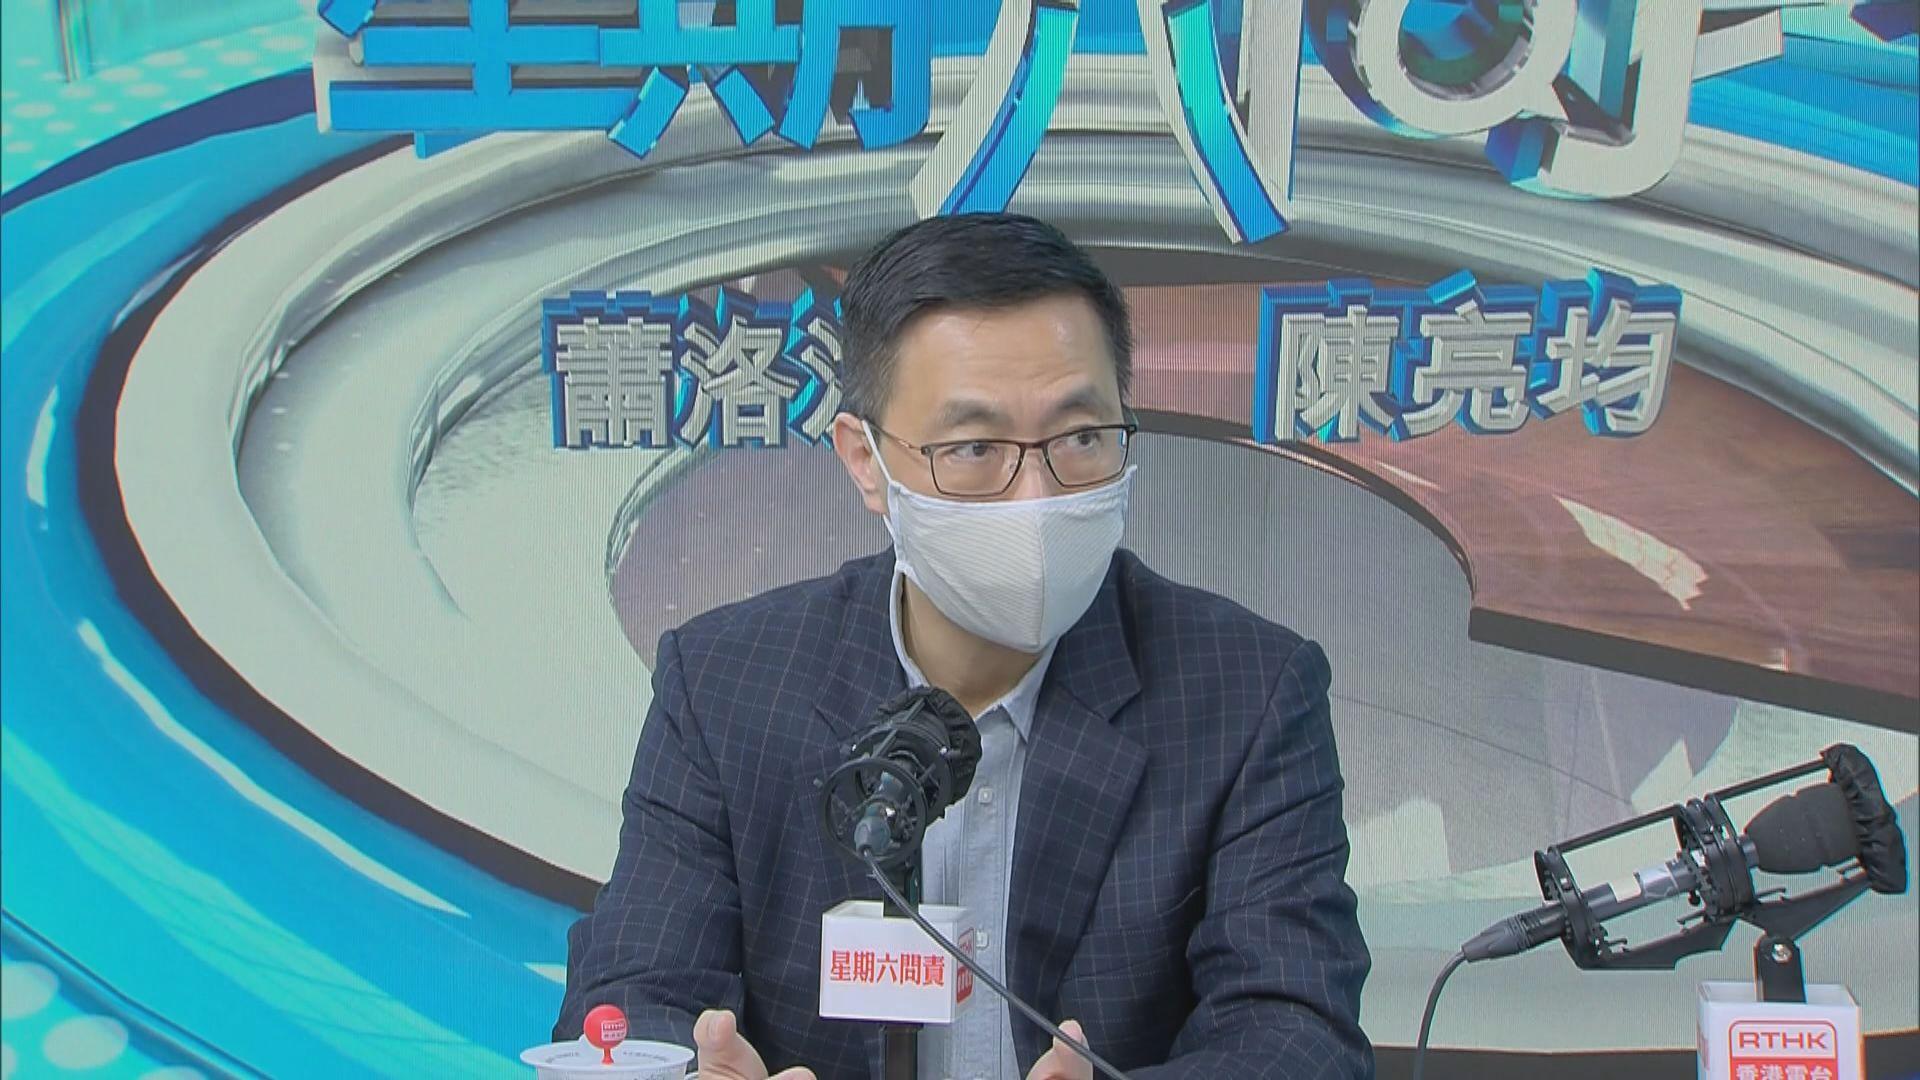 楊潤雄:取消錯誤題目是最負責任的做法